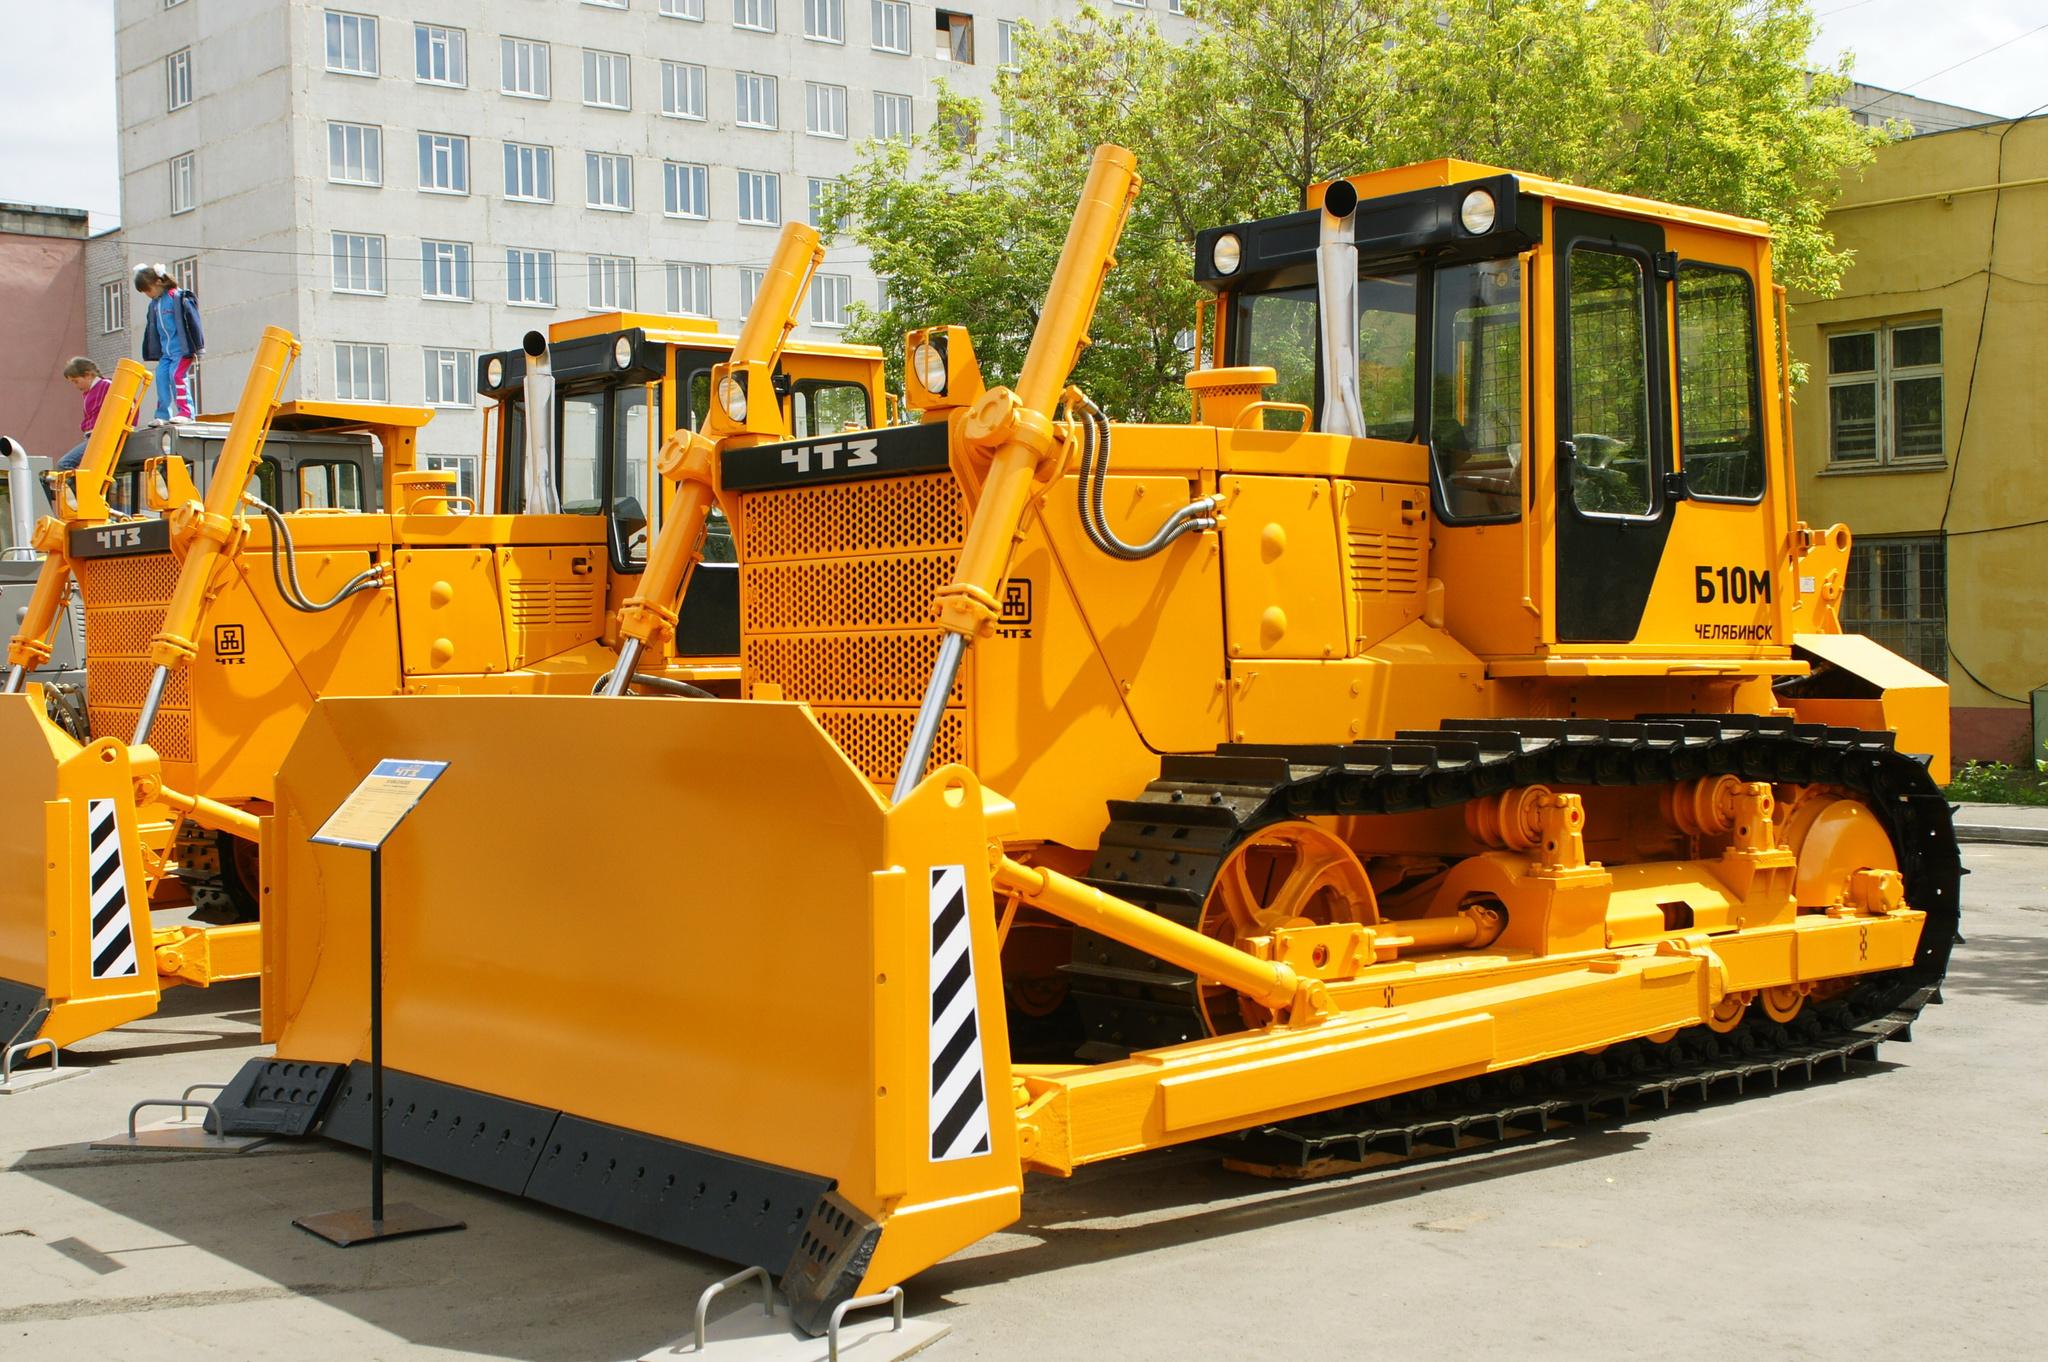 «Челябинский тракторный завод» отгрузил во Вьетнам три бульдозера Б10М.